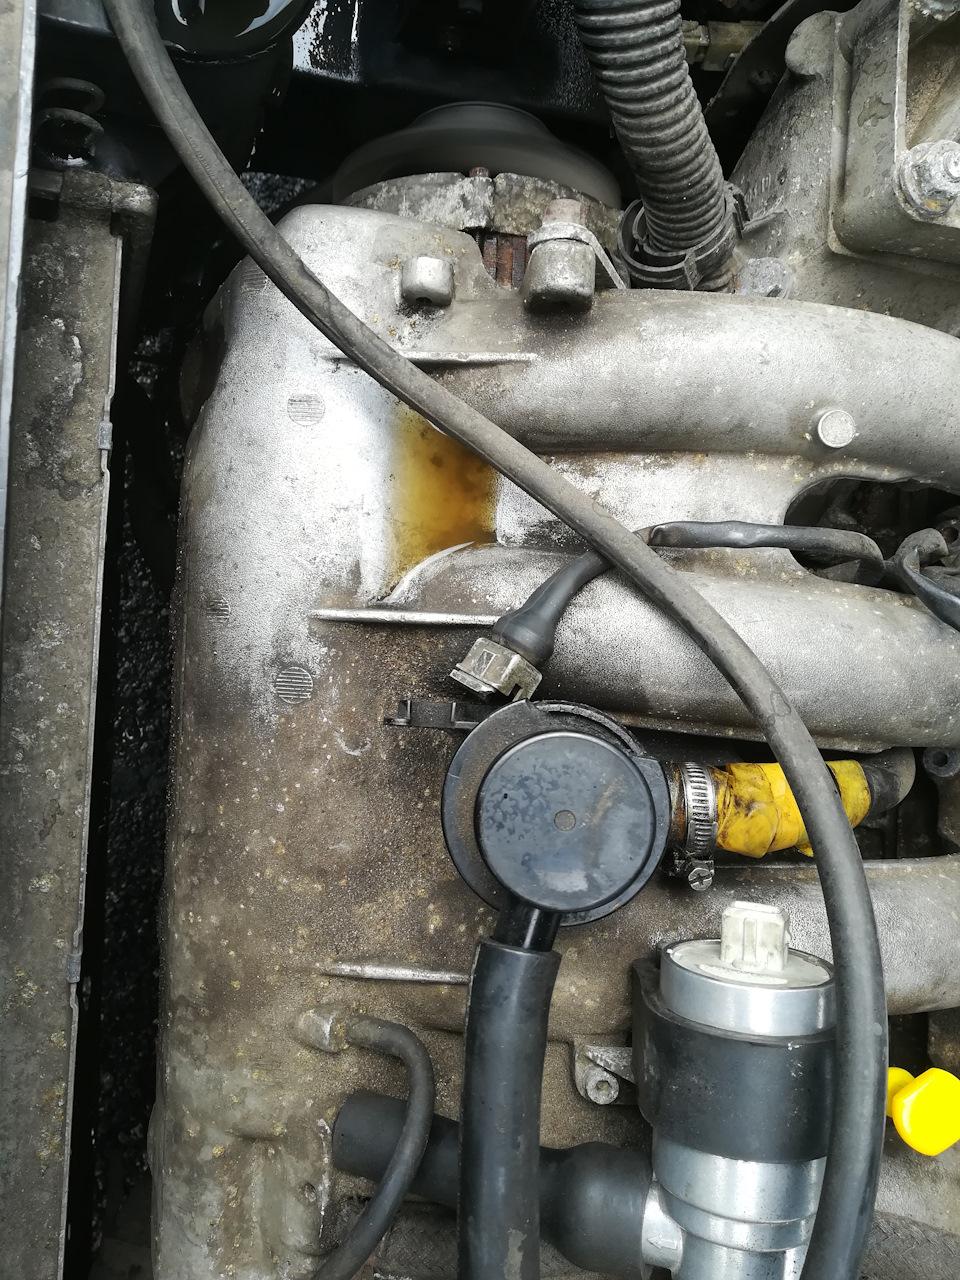 Промывка системы охлаждения, и снятие радиатора и разбор его.